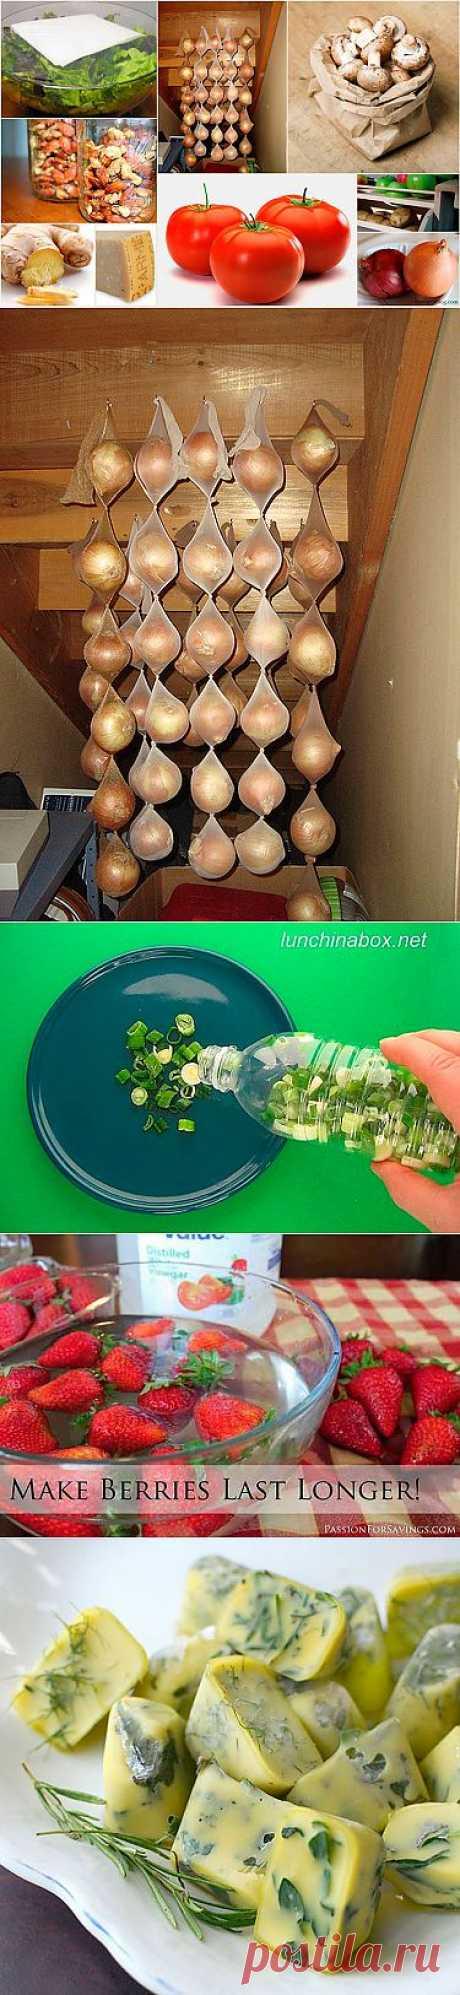 Как правильно хранить продукты (26 фото) - Женская страничка <!--if()-->- <!--endif--> - Главная - Утканос